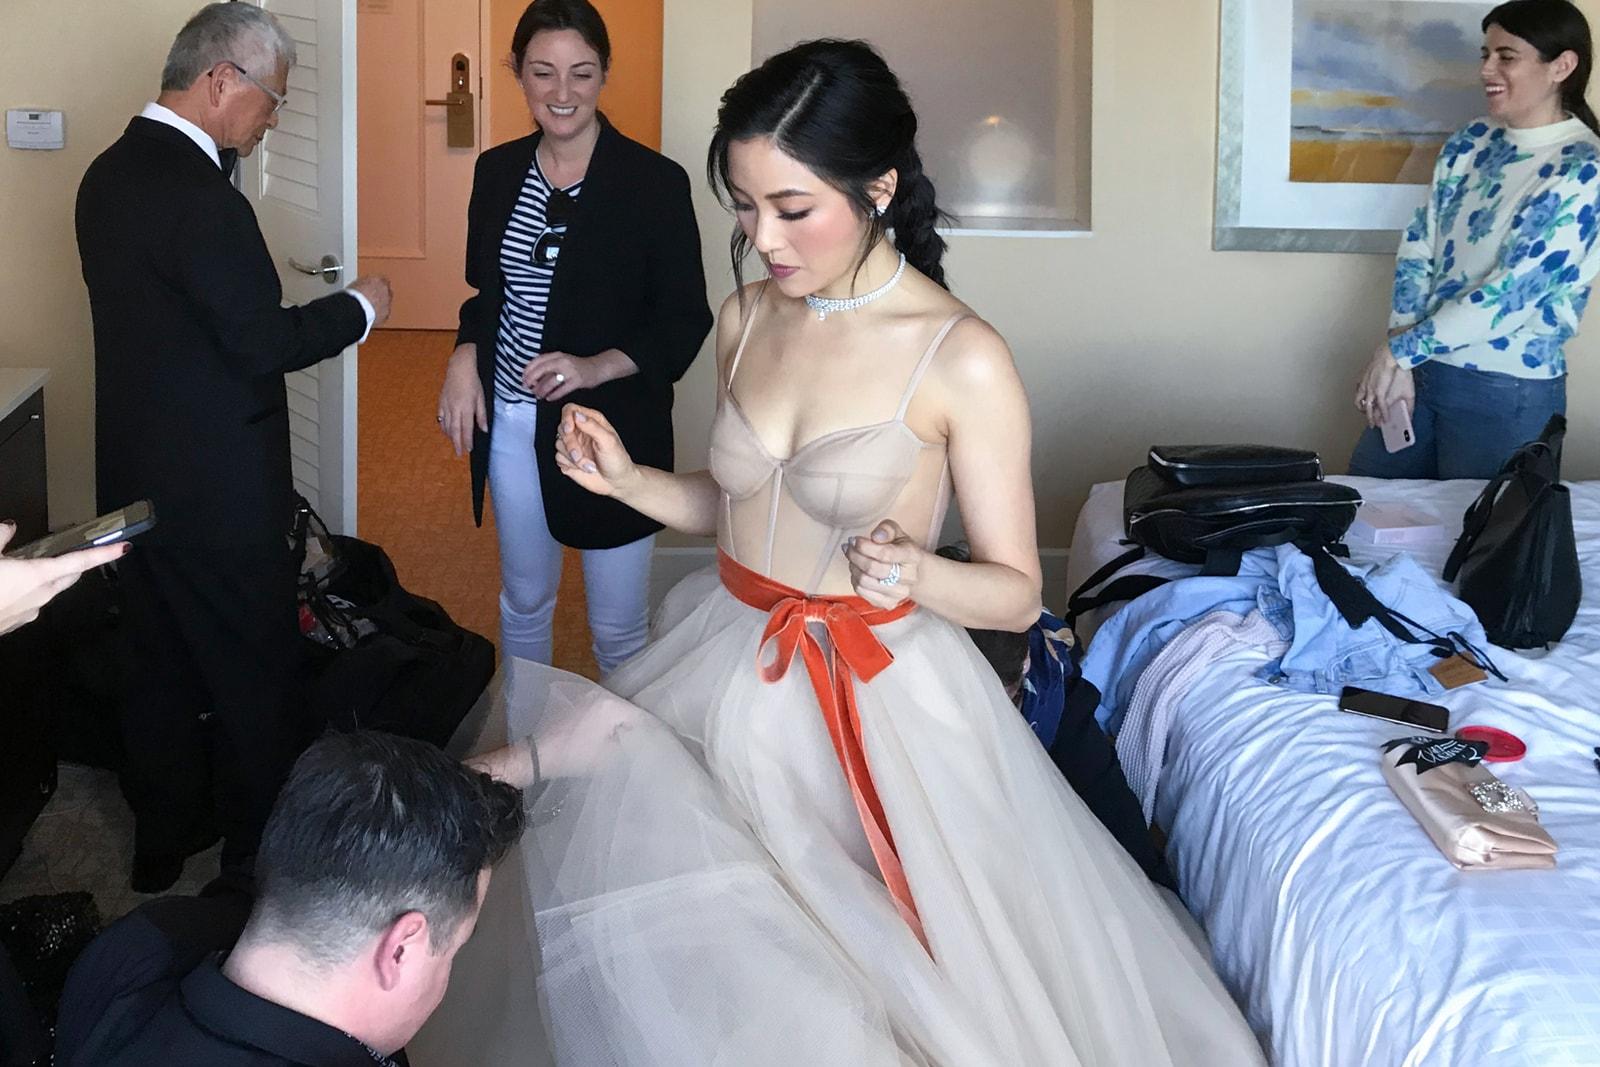 Constance Wu Golden Globes 2019 Crazy Rich Asians Dress Vera Wang Beauty Makeup Get Ready